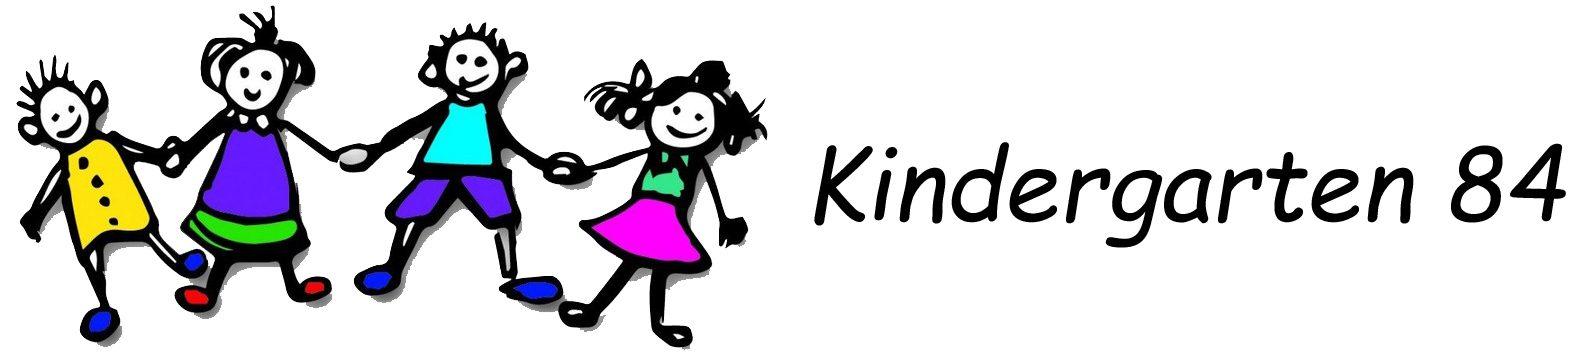 Kindergarten 84